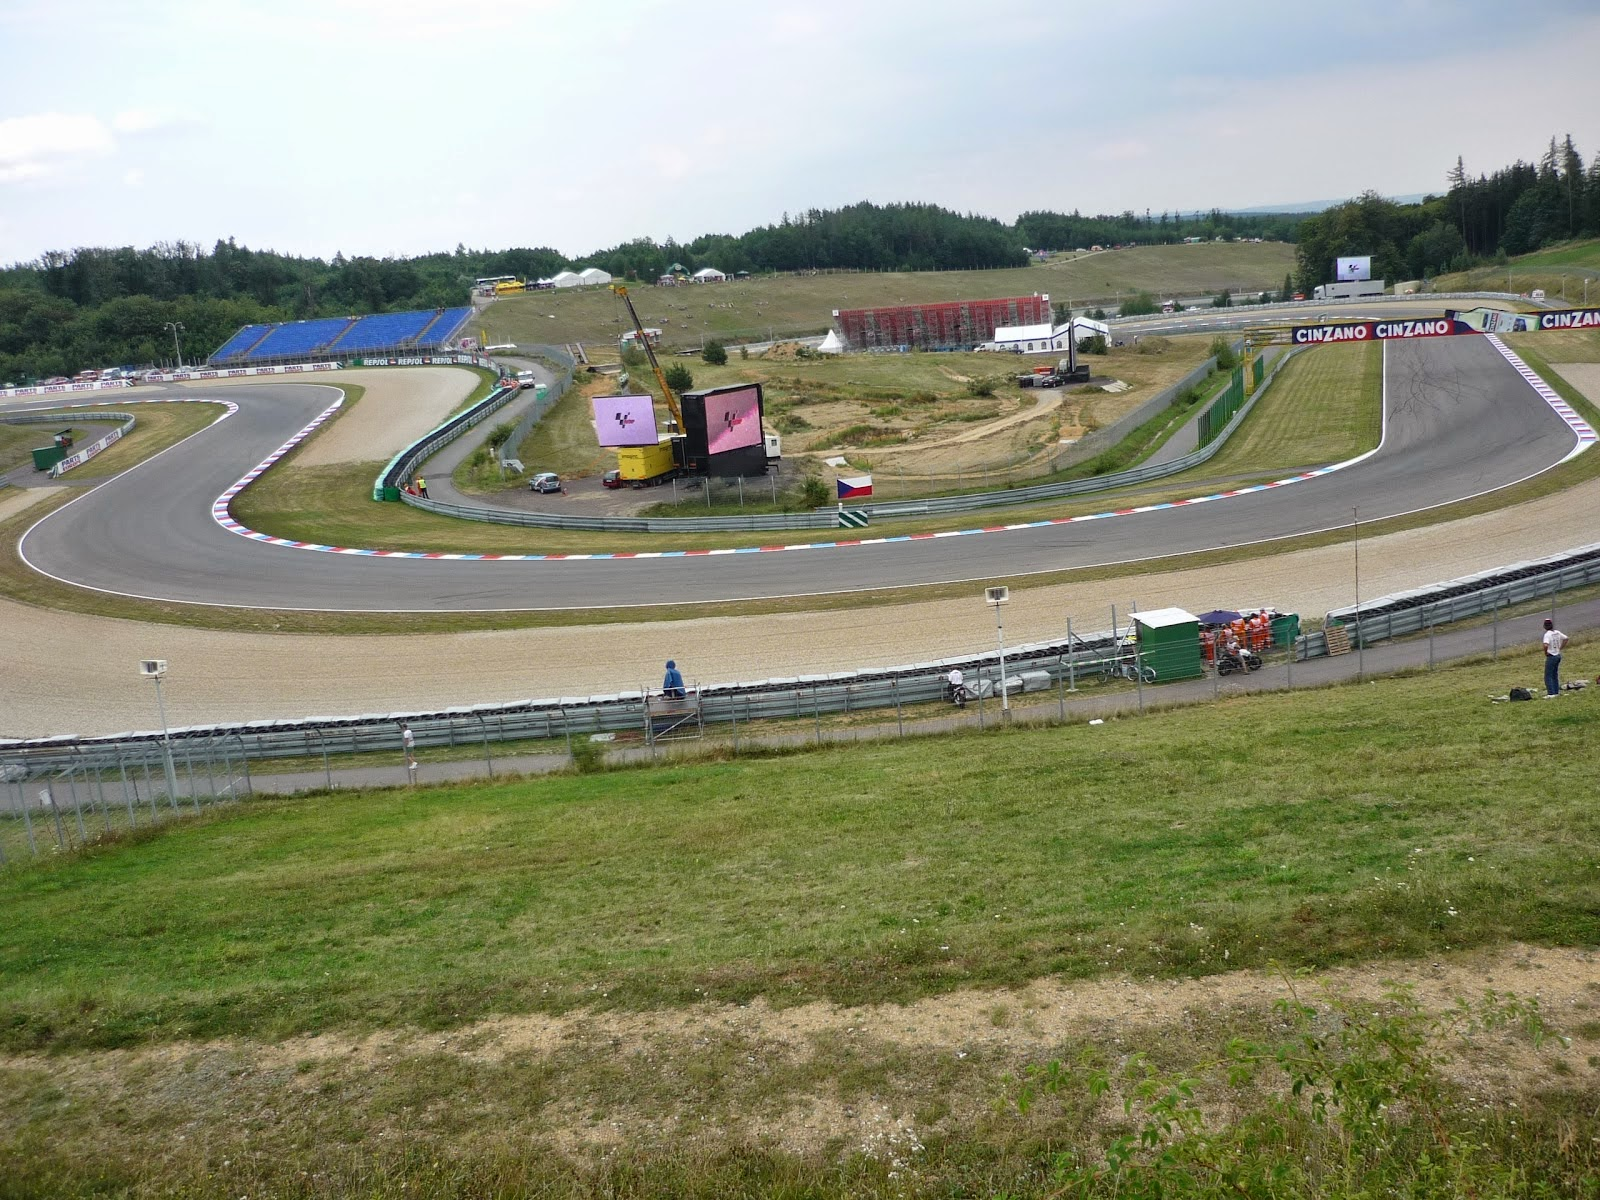 enlazadas de curvas en el circuito de Brno